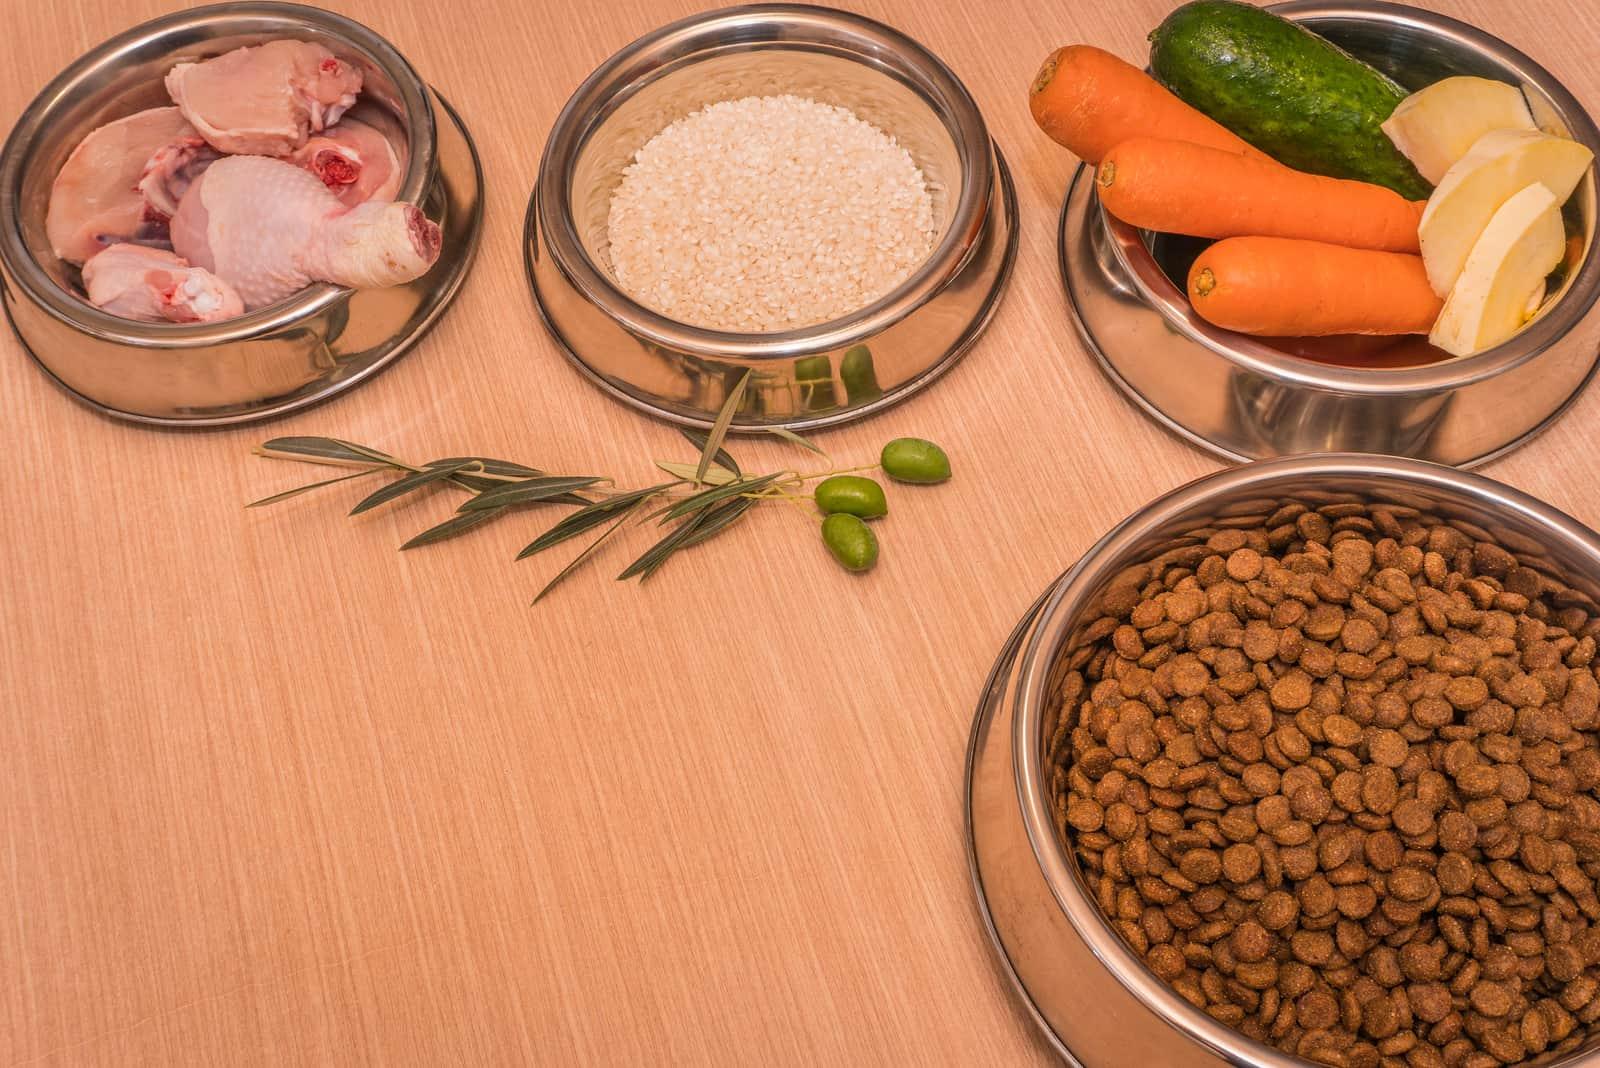 Lebensmittel in Edelstahl-Feedern mit Hühnchen, Reis, Karotten, Gemüse und Kürbis zubereitet